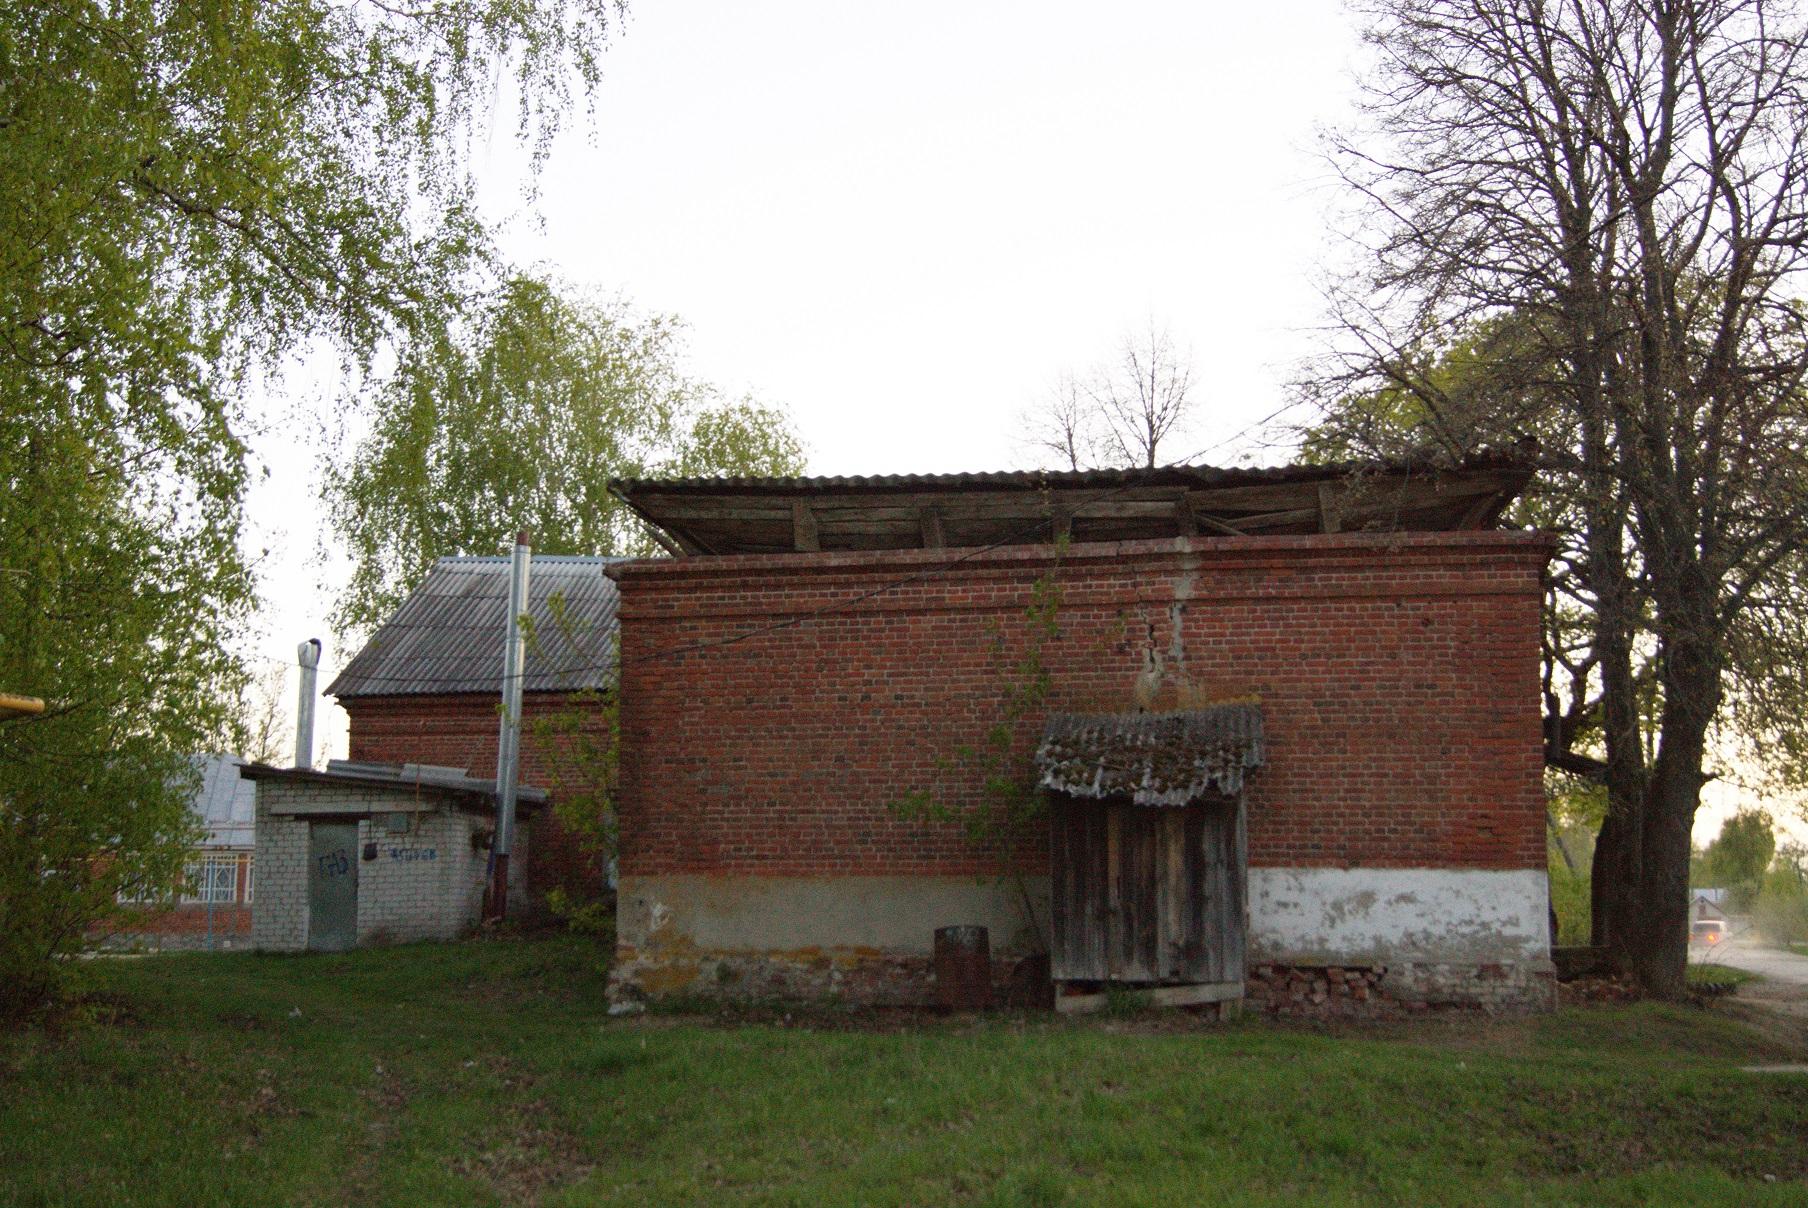 Здание бывшей земской школы в Исадах (ныне сельский клуб). Вид с востока. 2015.